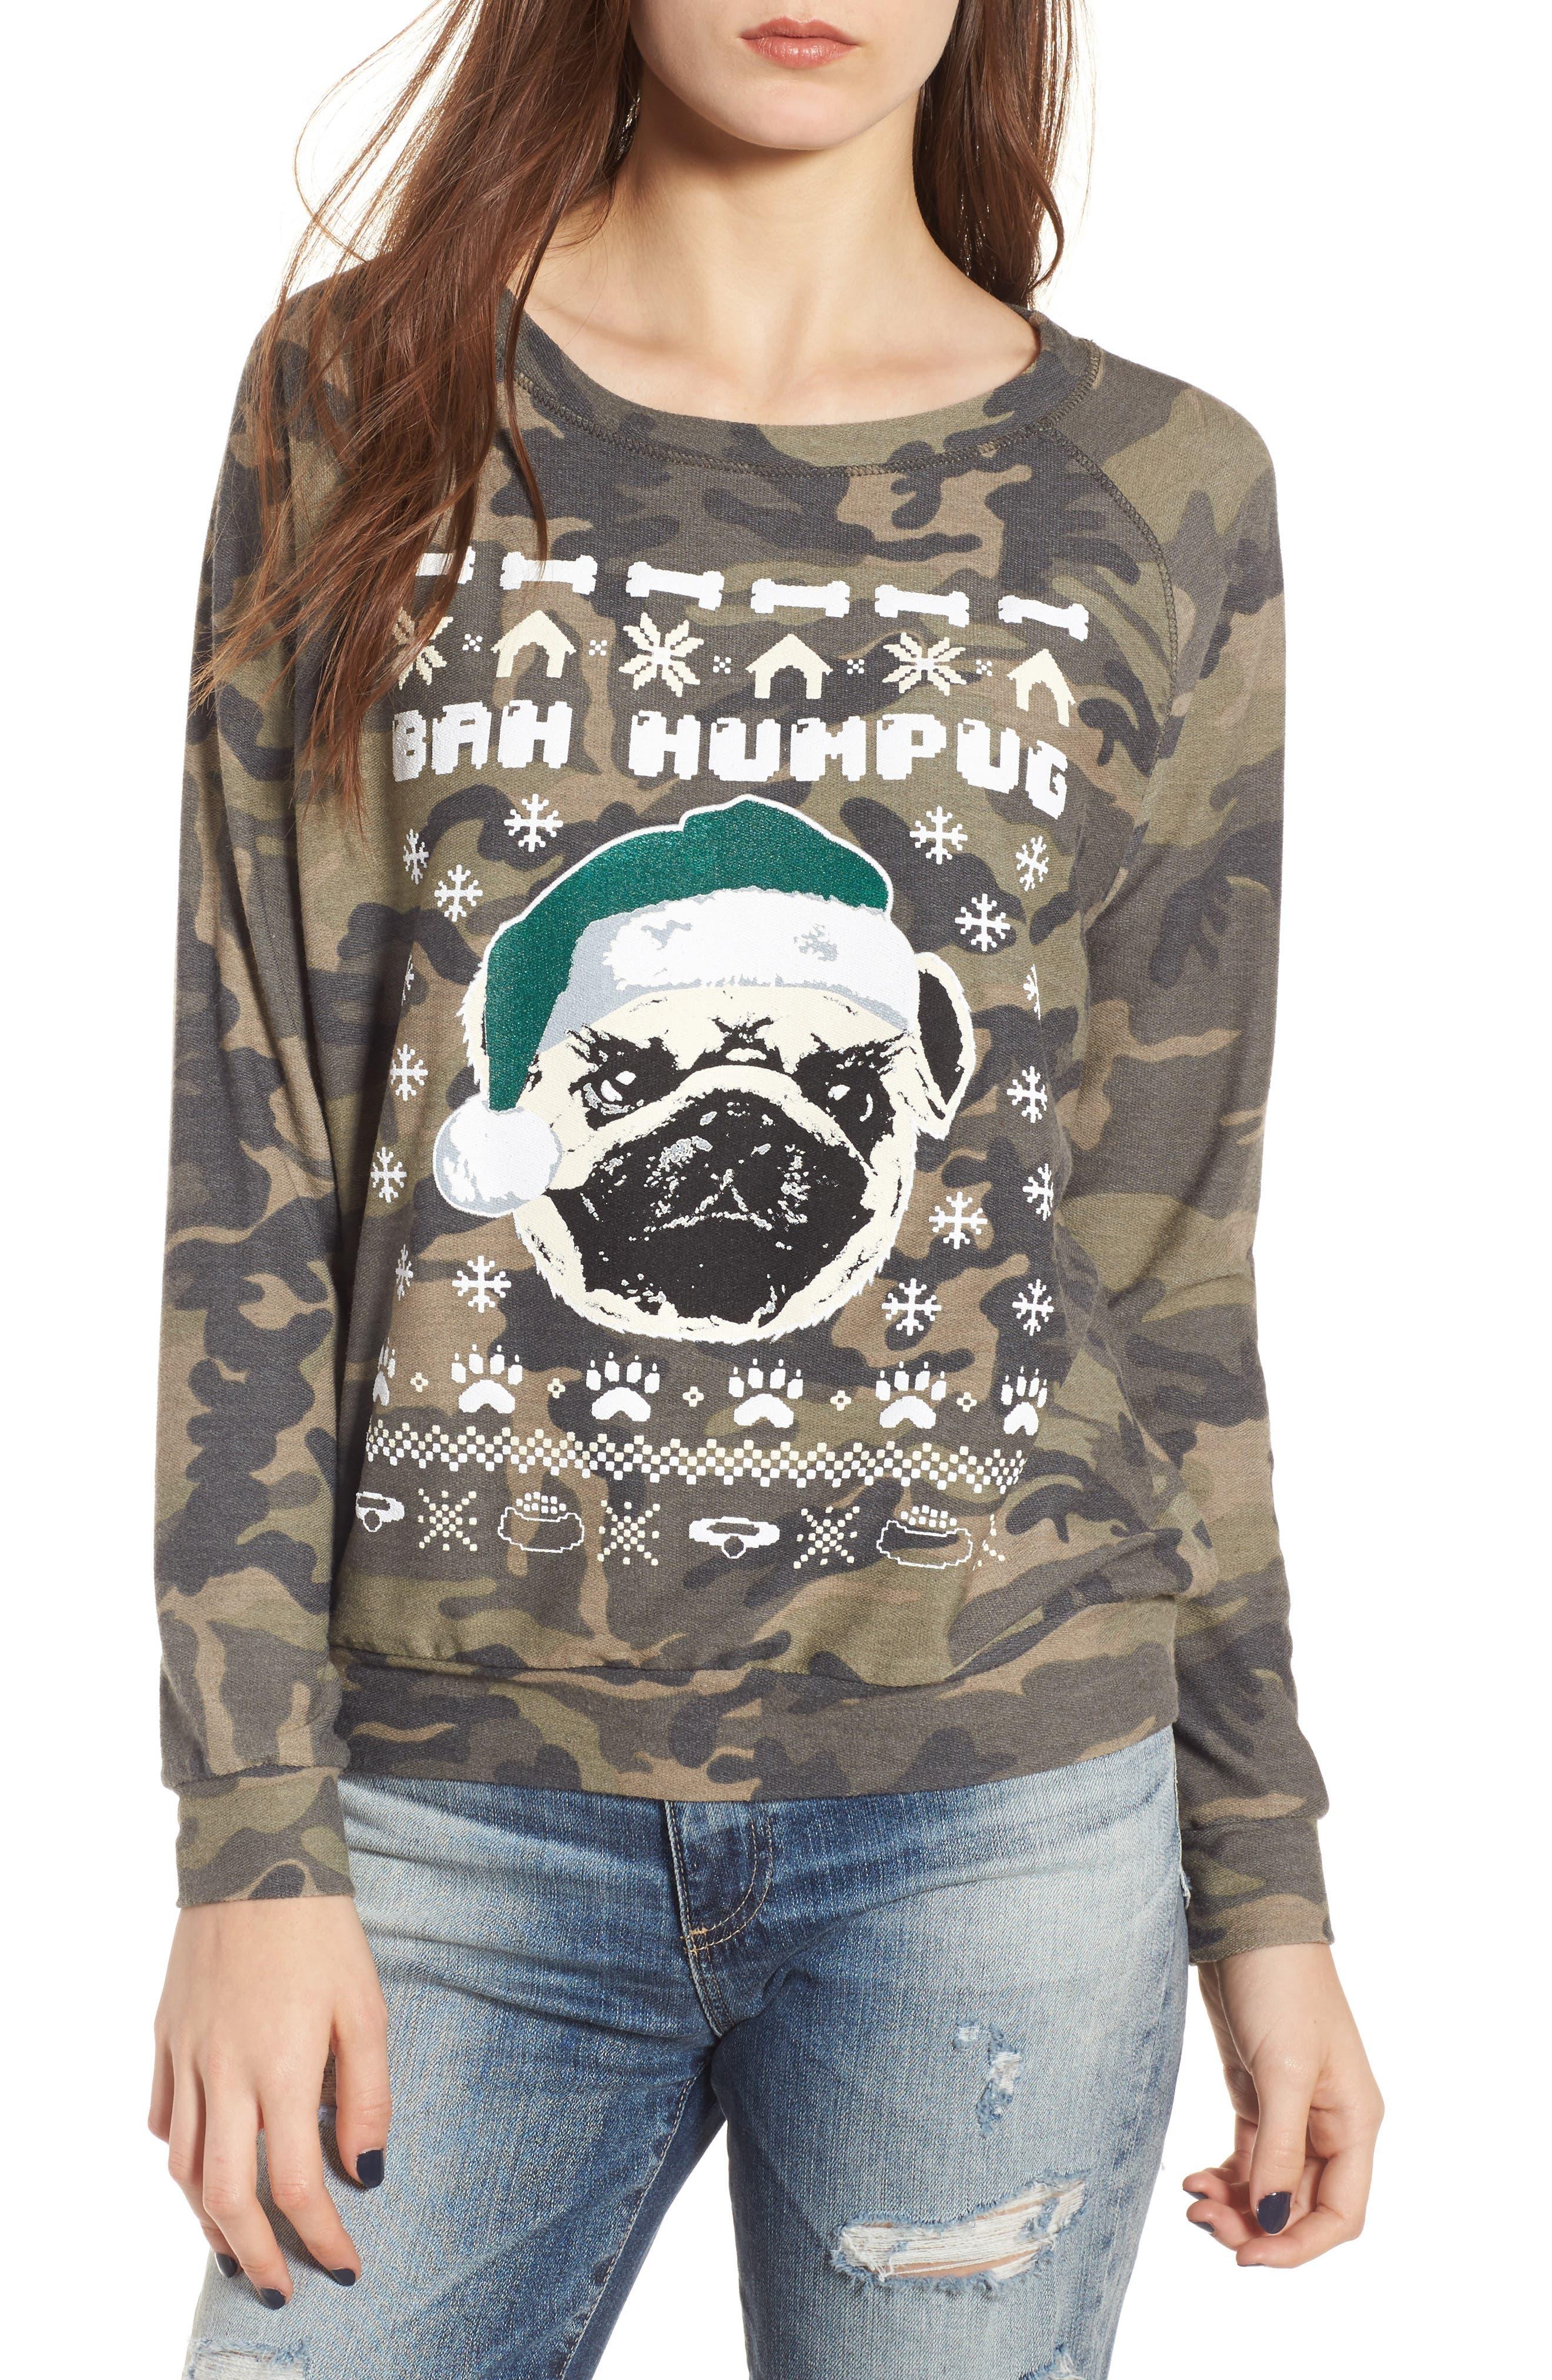 Bah Humpug Sweatshirt,                             Main thumbnail 1, color,                             300